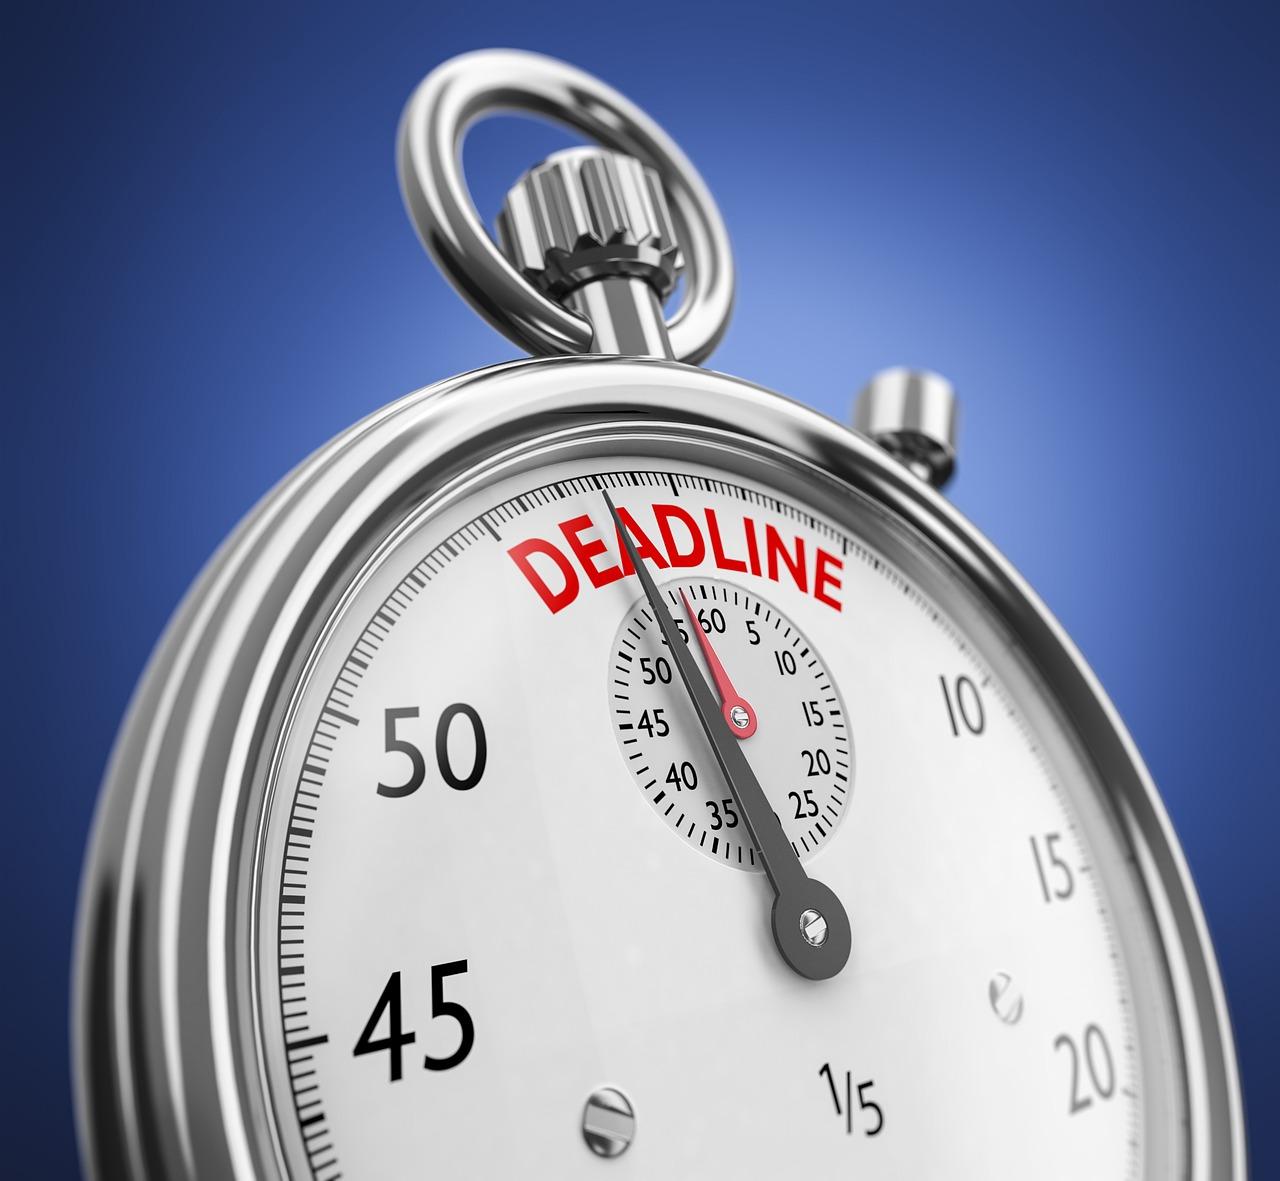 Stoppuhr für 60 Sekunden mit Deadline.